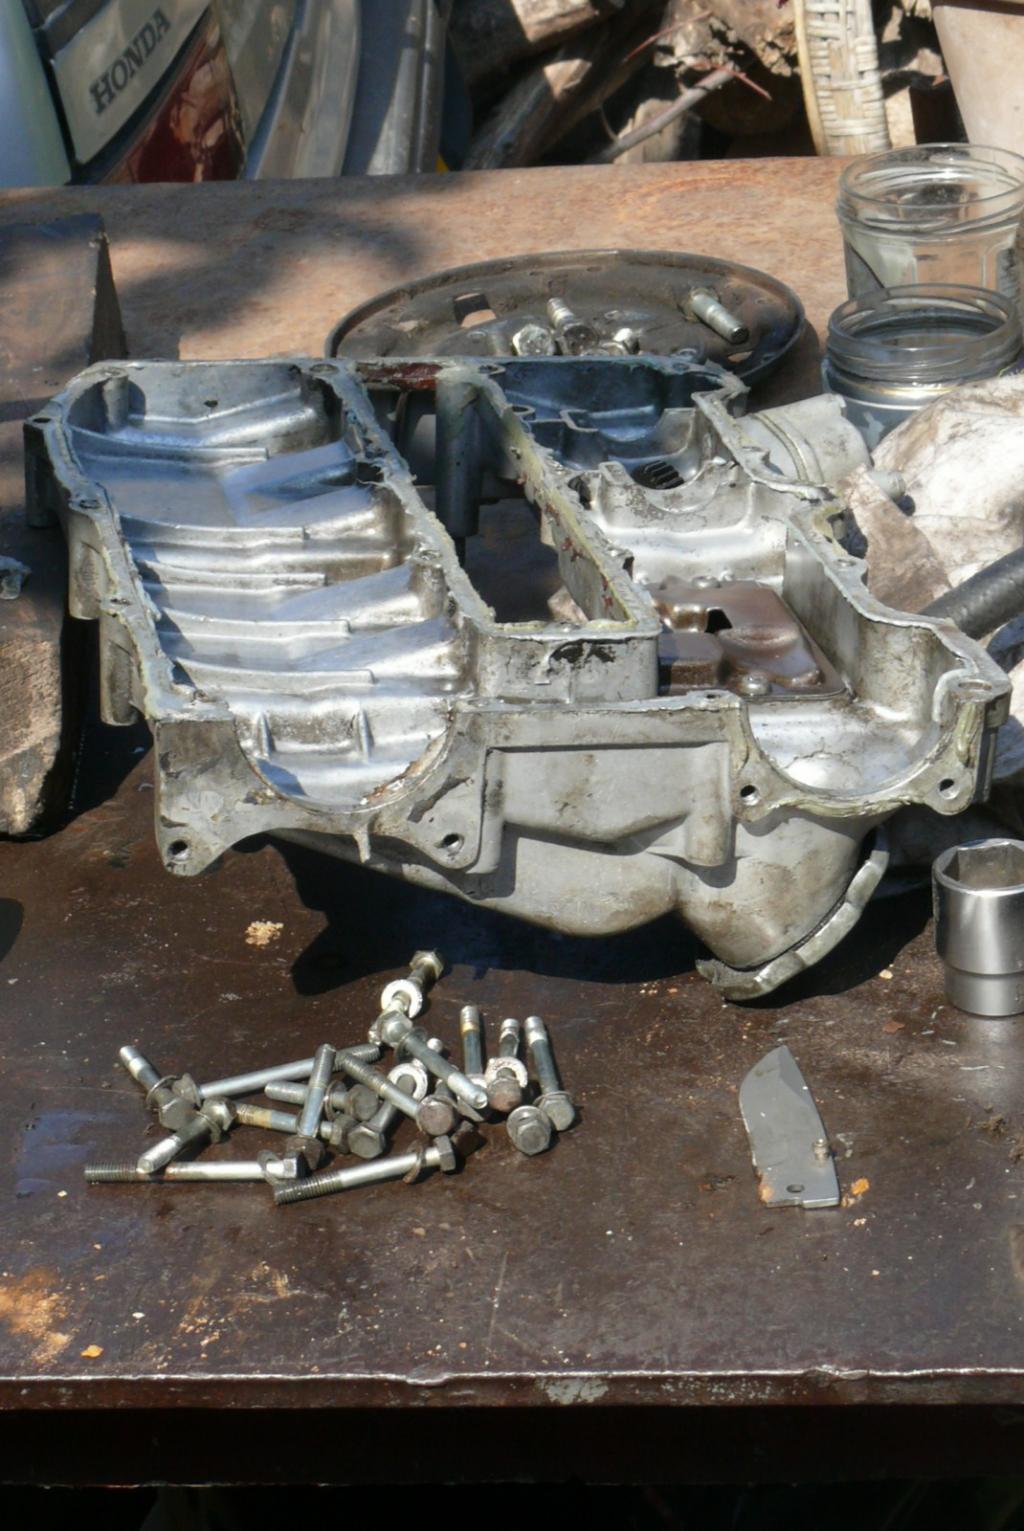 Mon nouveau projet Hondiste : S800 coupé 1967 - Page 4 L1030756-1600x1200--41390f1